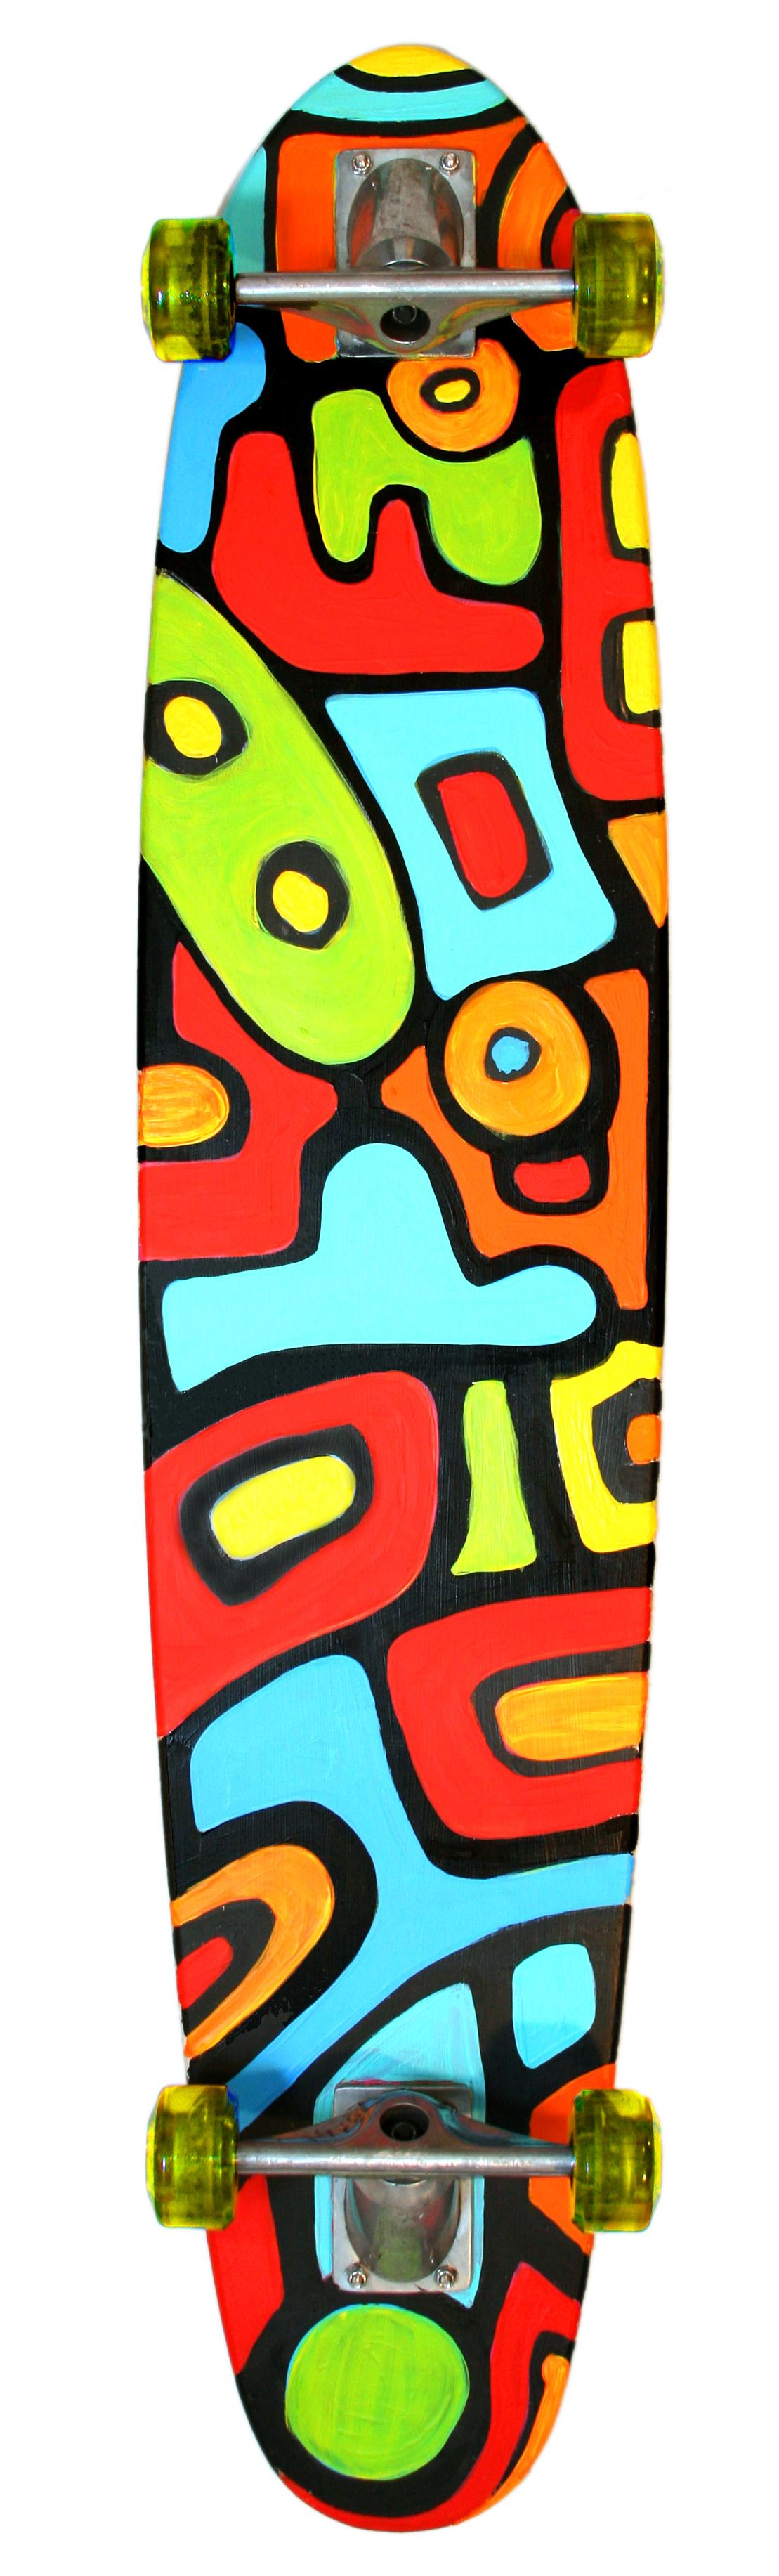 Long Board, 2008 series